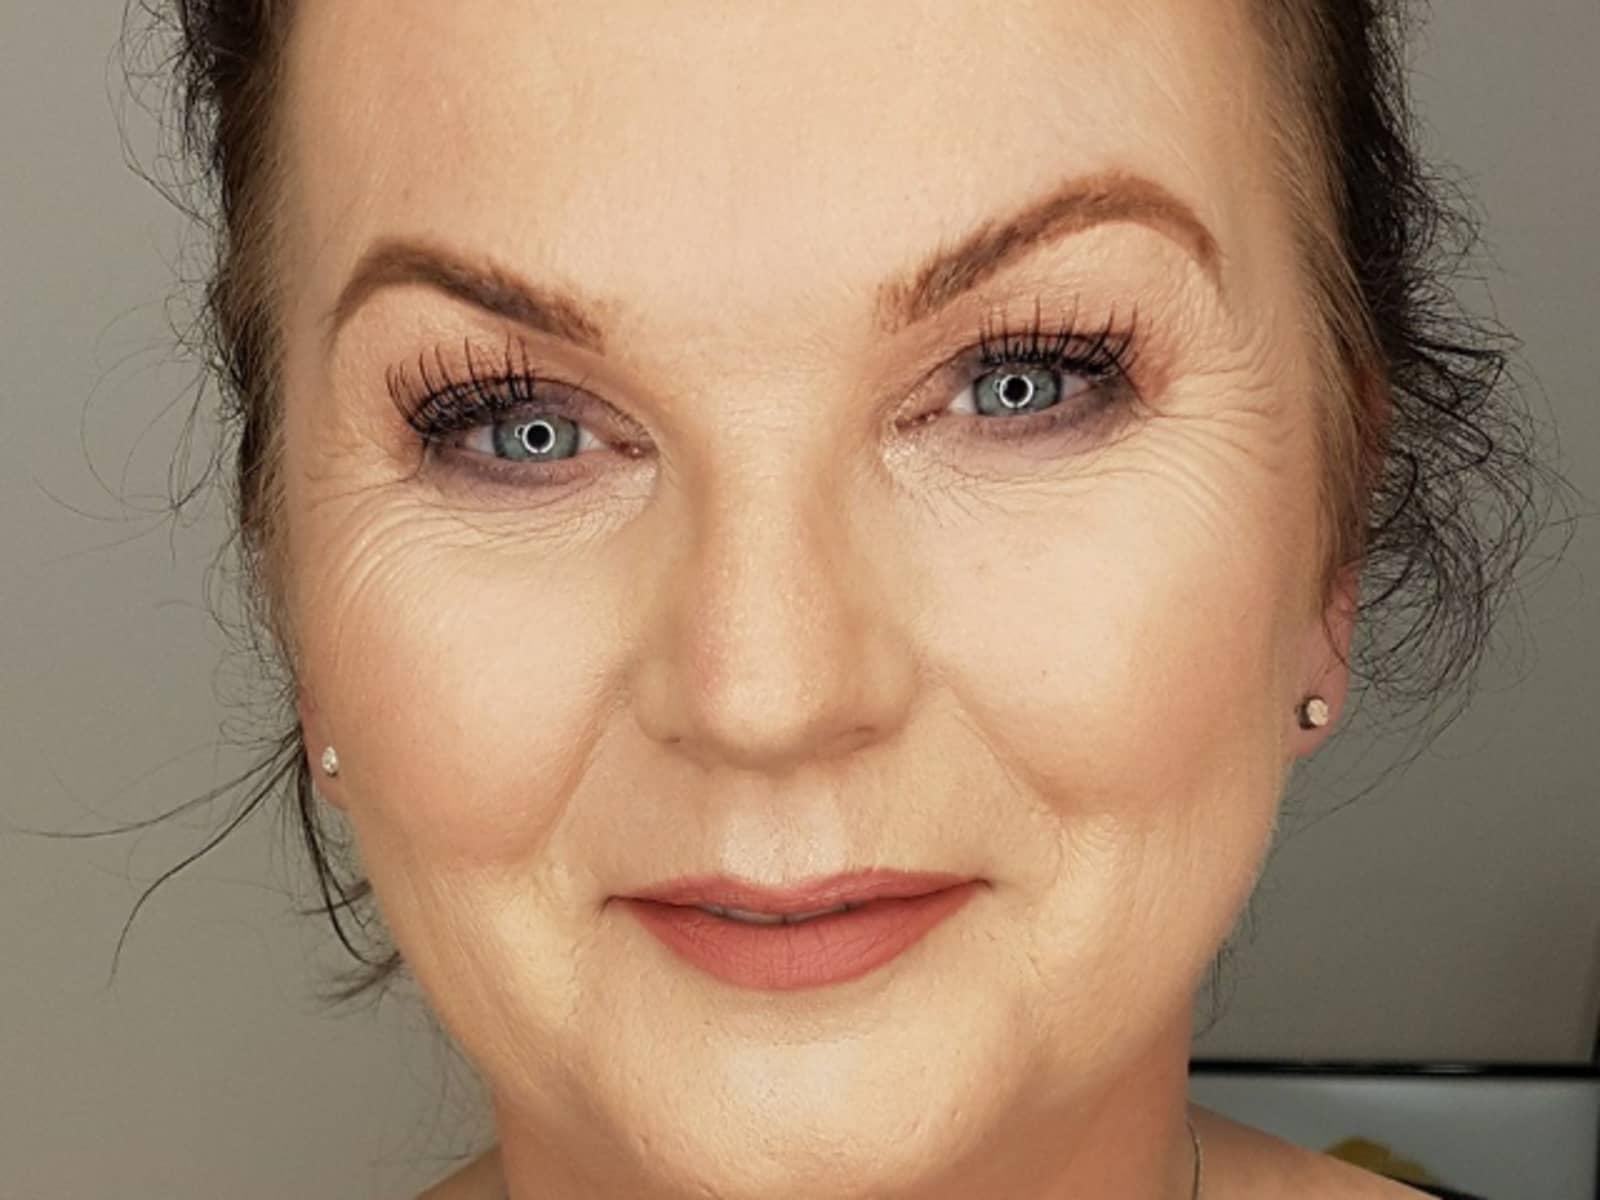 Lynda from Perth, Western Australia, Australia